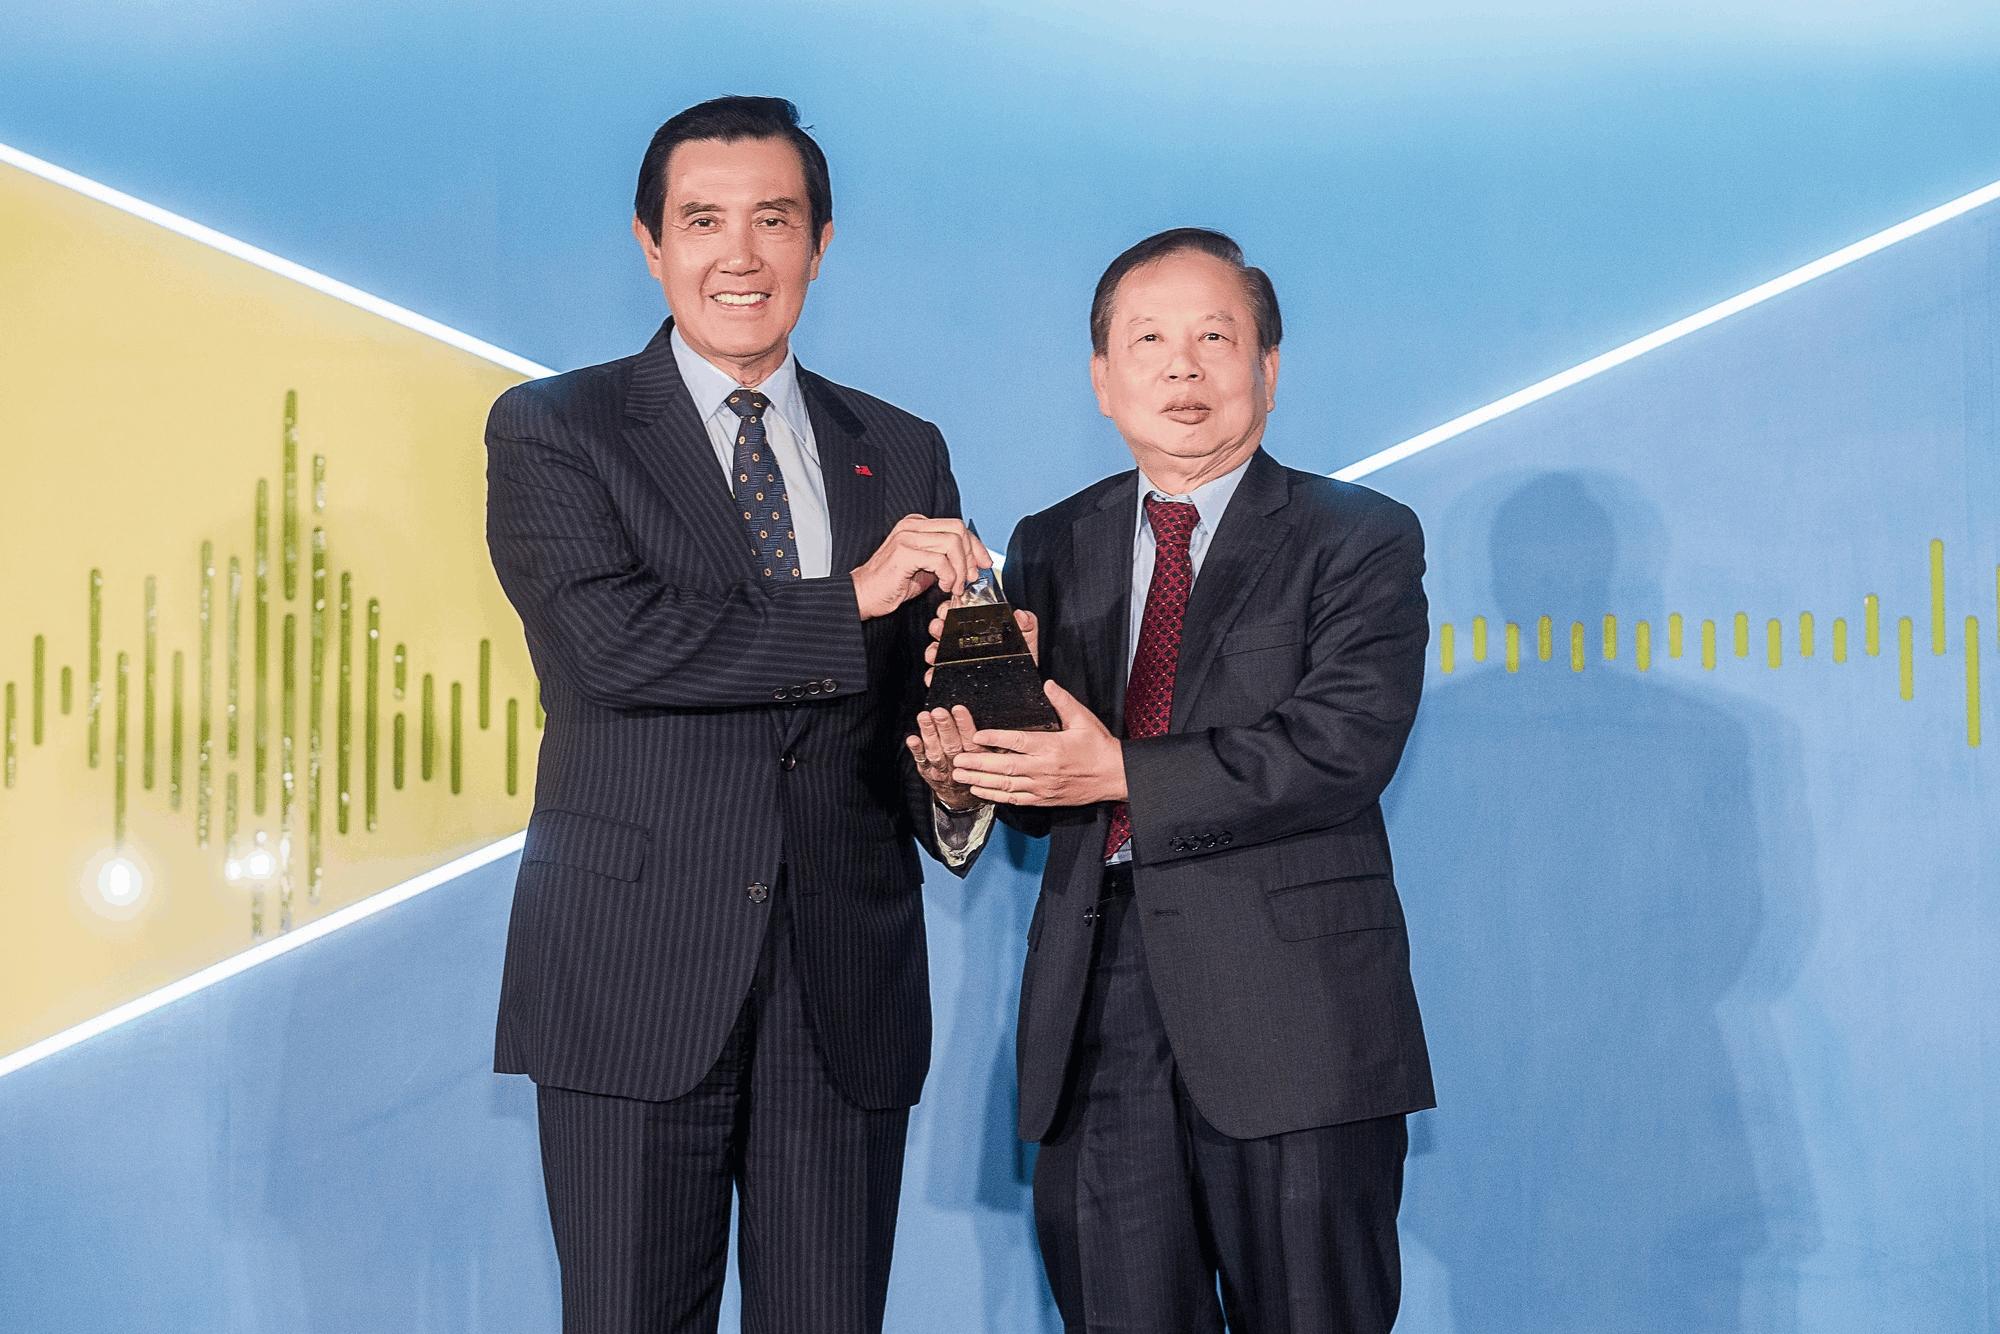 前總統 馬英九先生 與 許金川教授